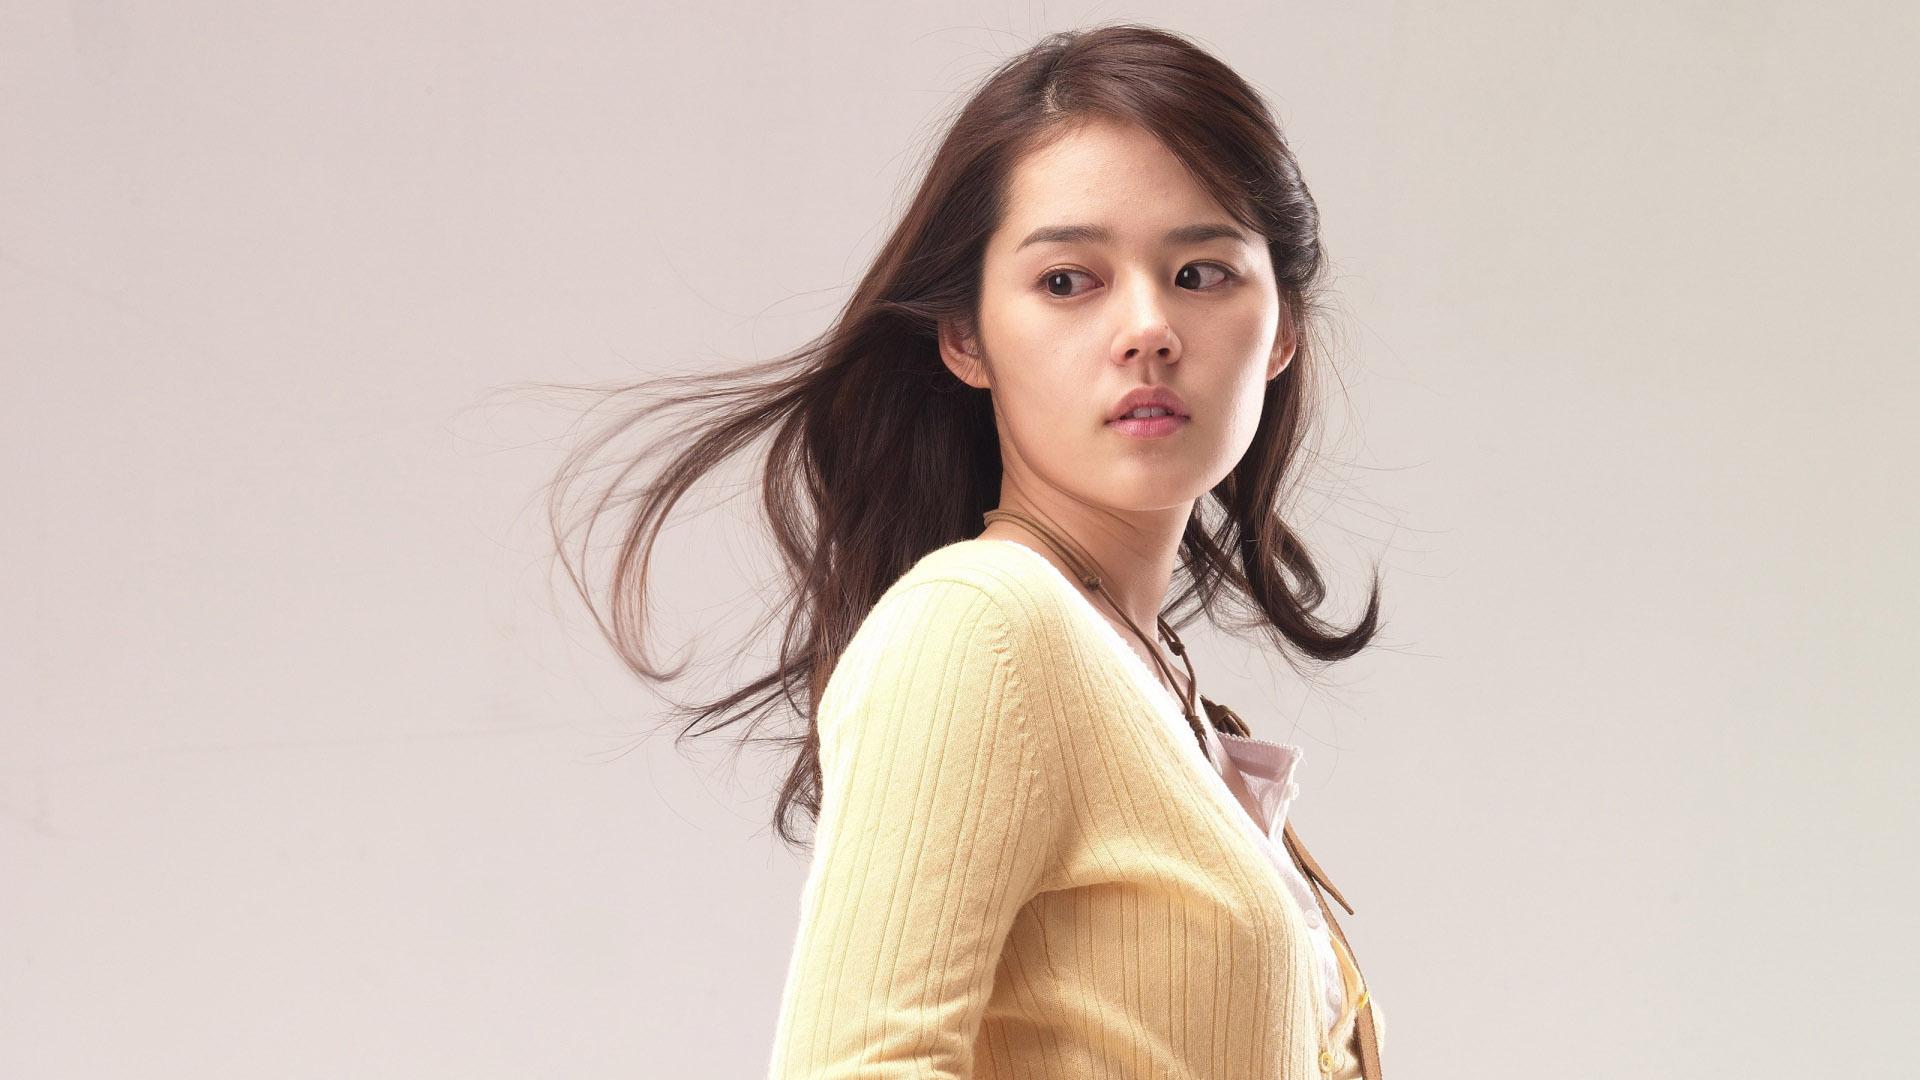 download Korean female star wallpaper beautiful girl modern 1920x1080